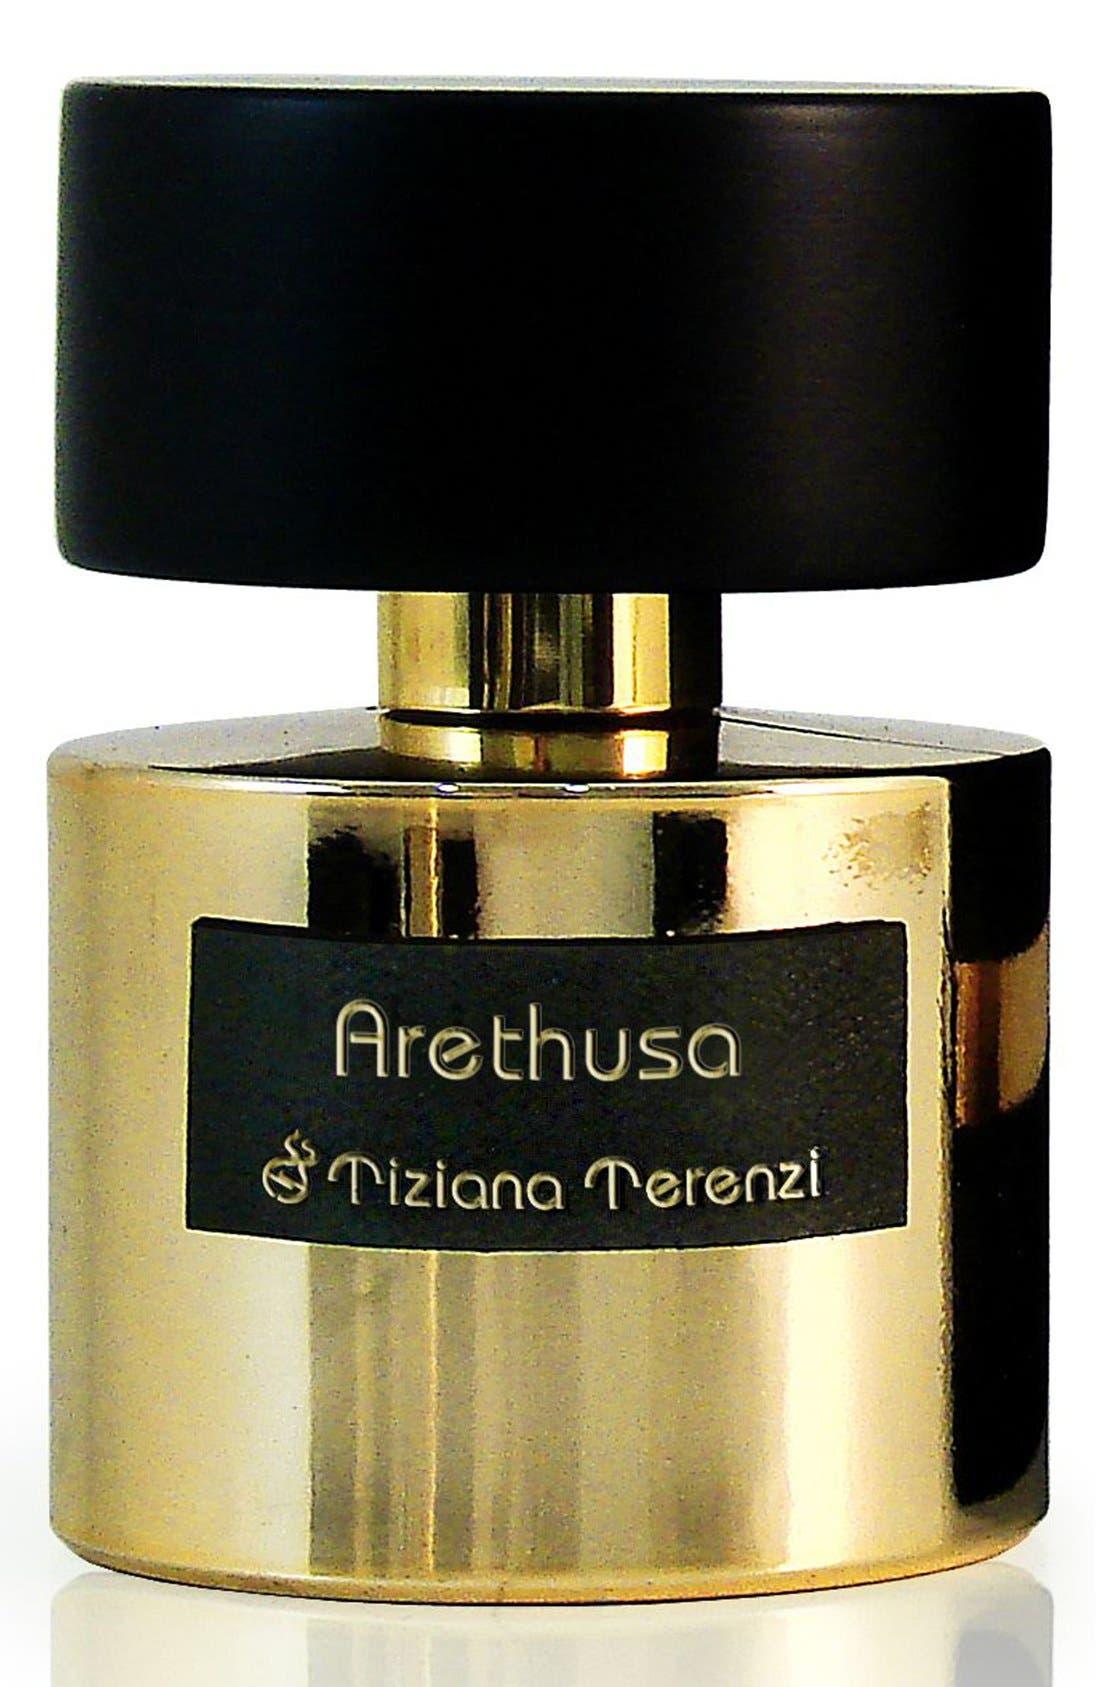 Tiziana Terenzi 'Arethusa' Extrait de Parfum